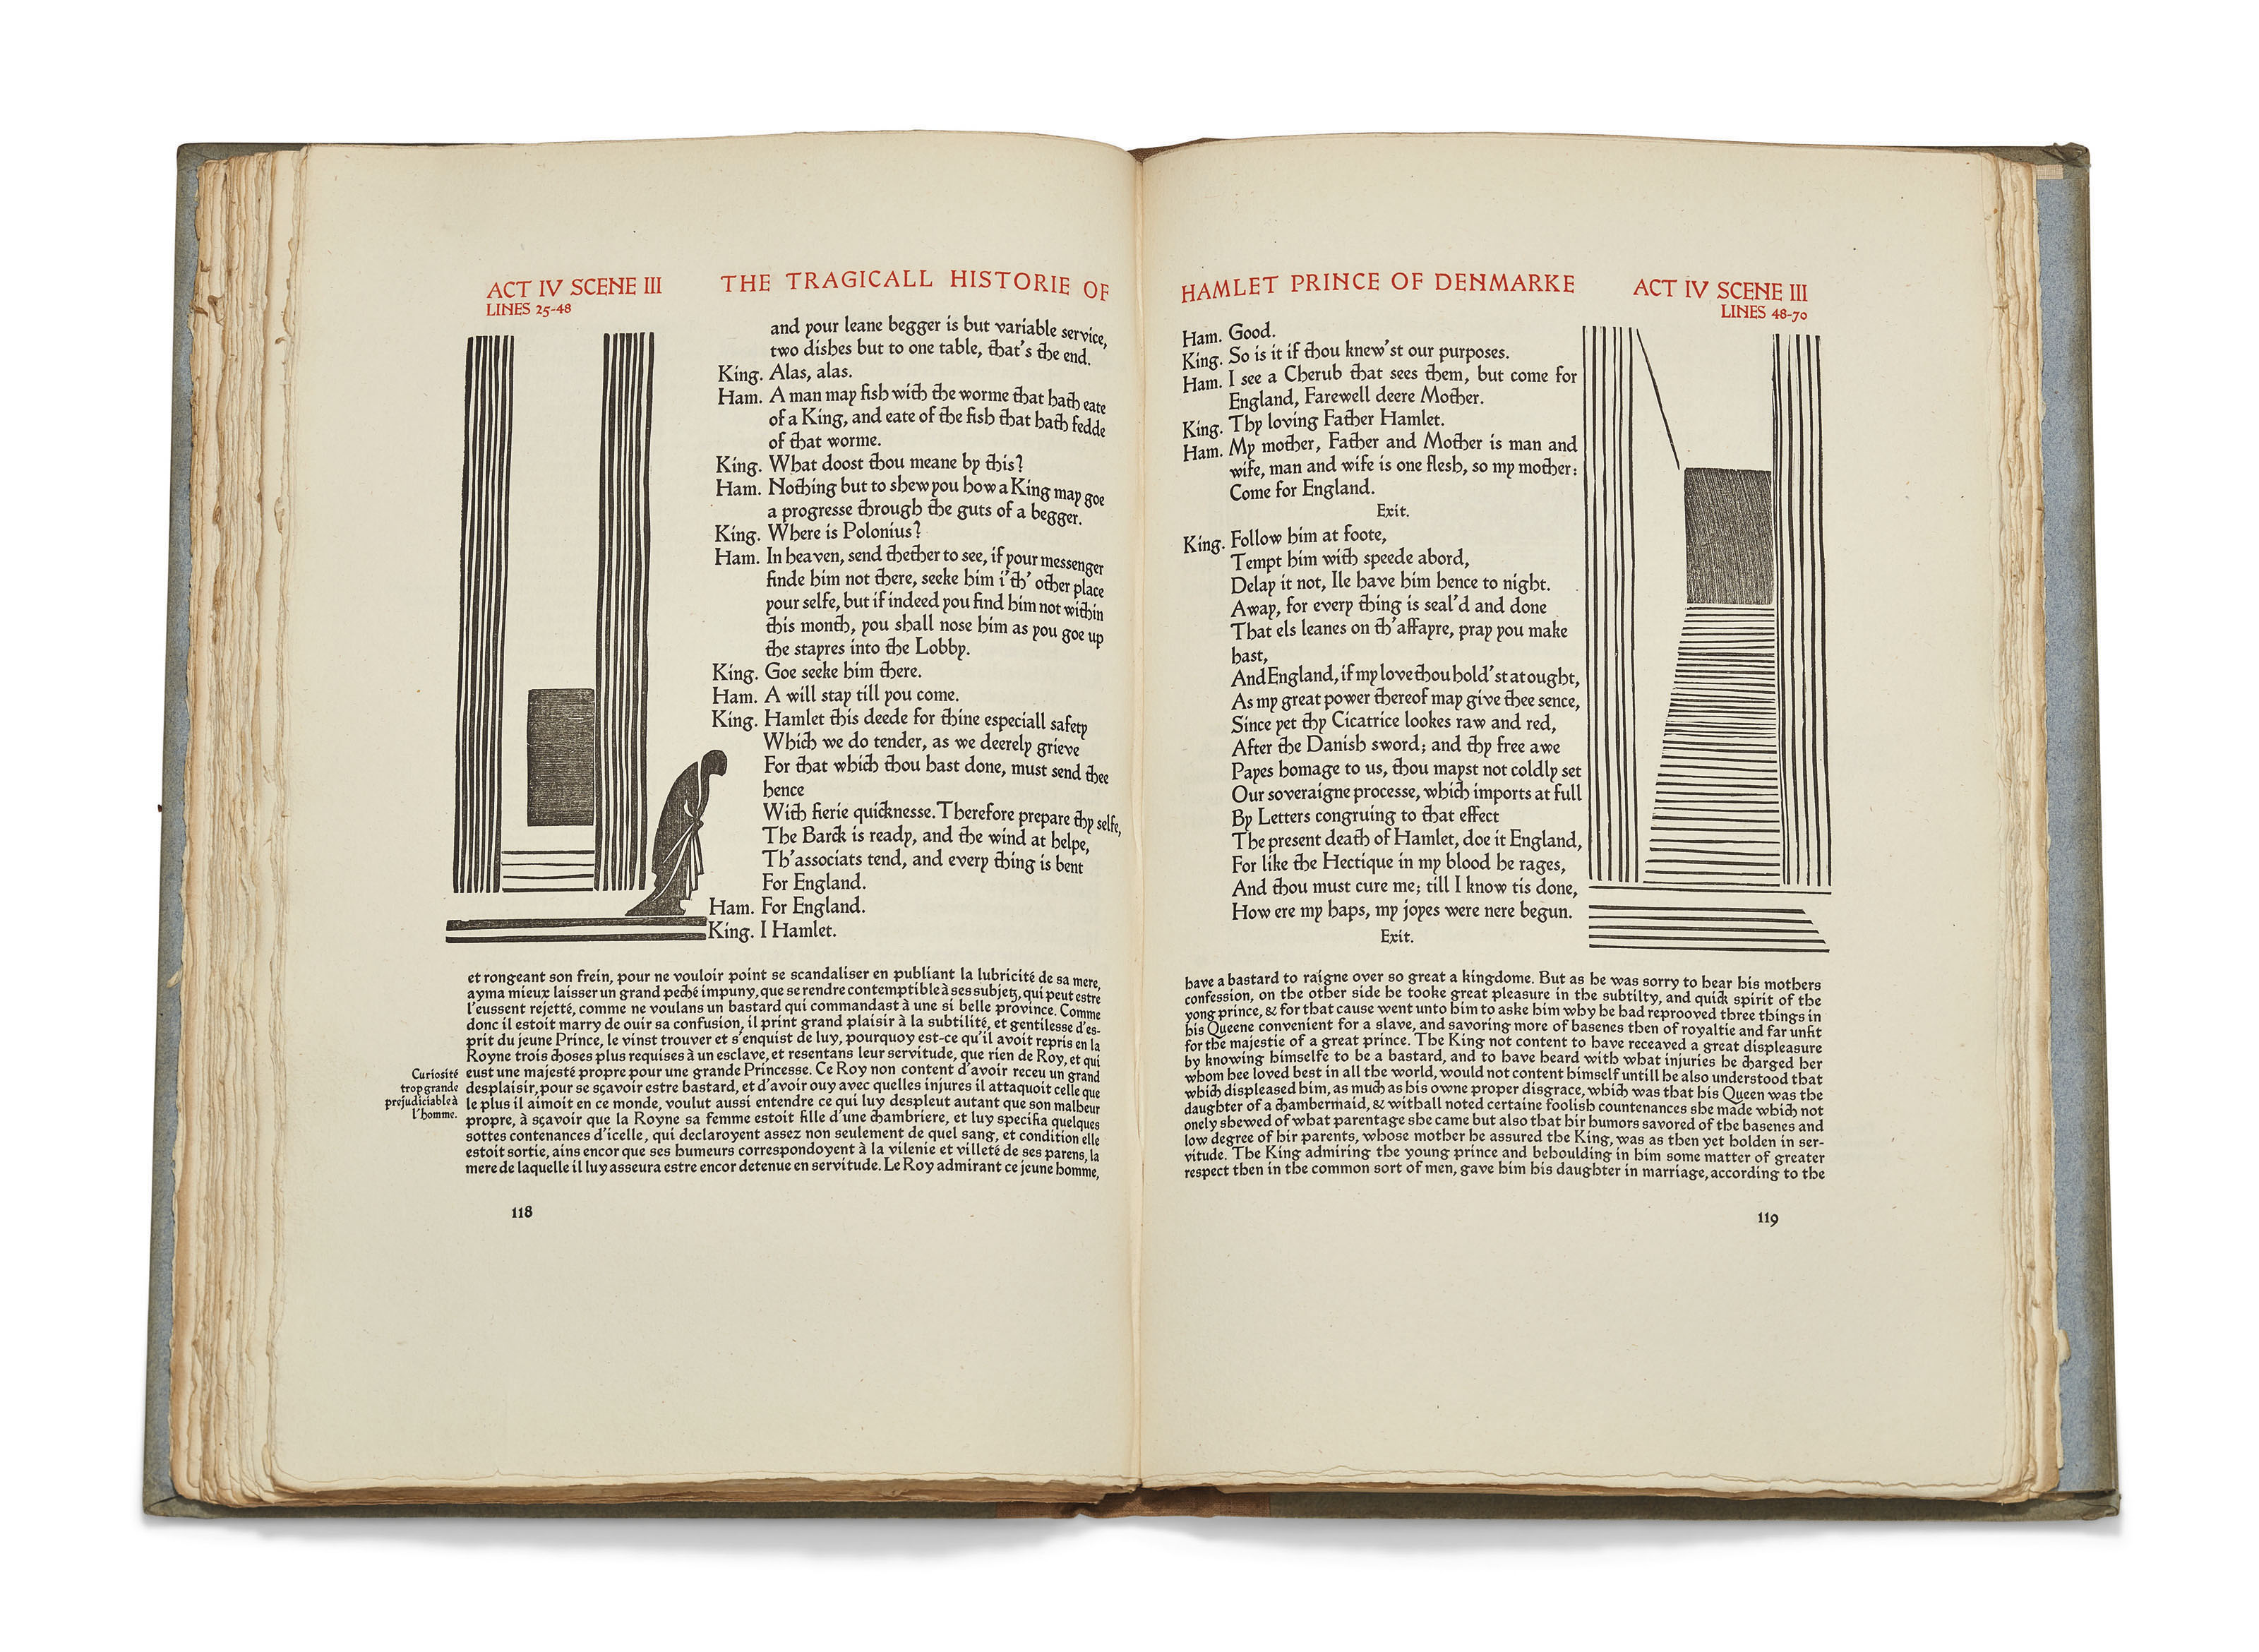 SHAKESPEARE, William (1564-1616).The Tragedie of Hamlet Prince of Denmarke. Weimar: Cranach Press, 1930.